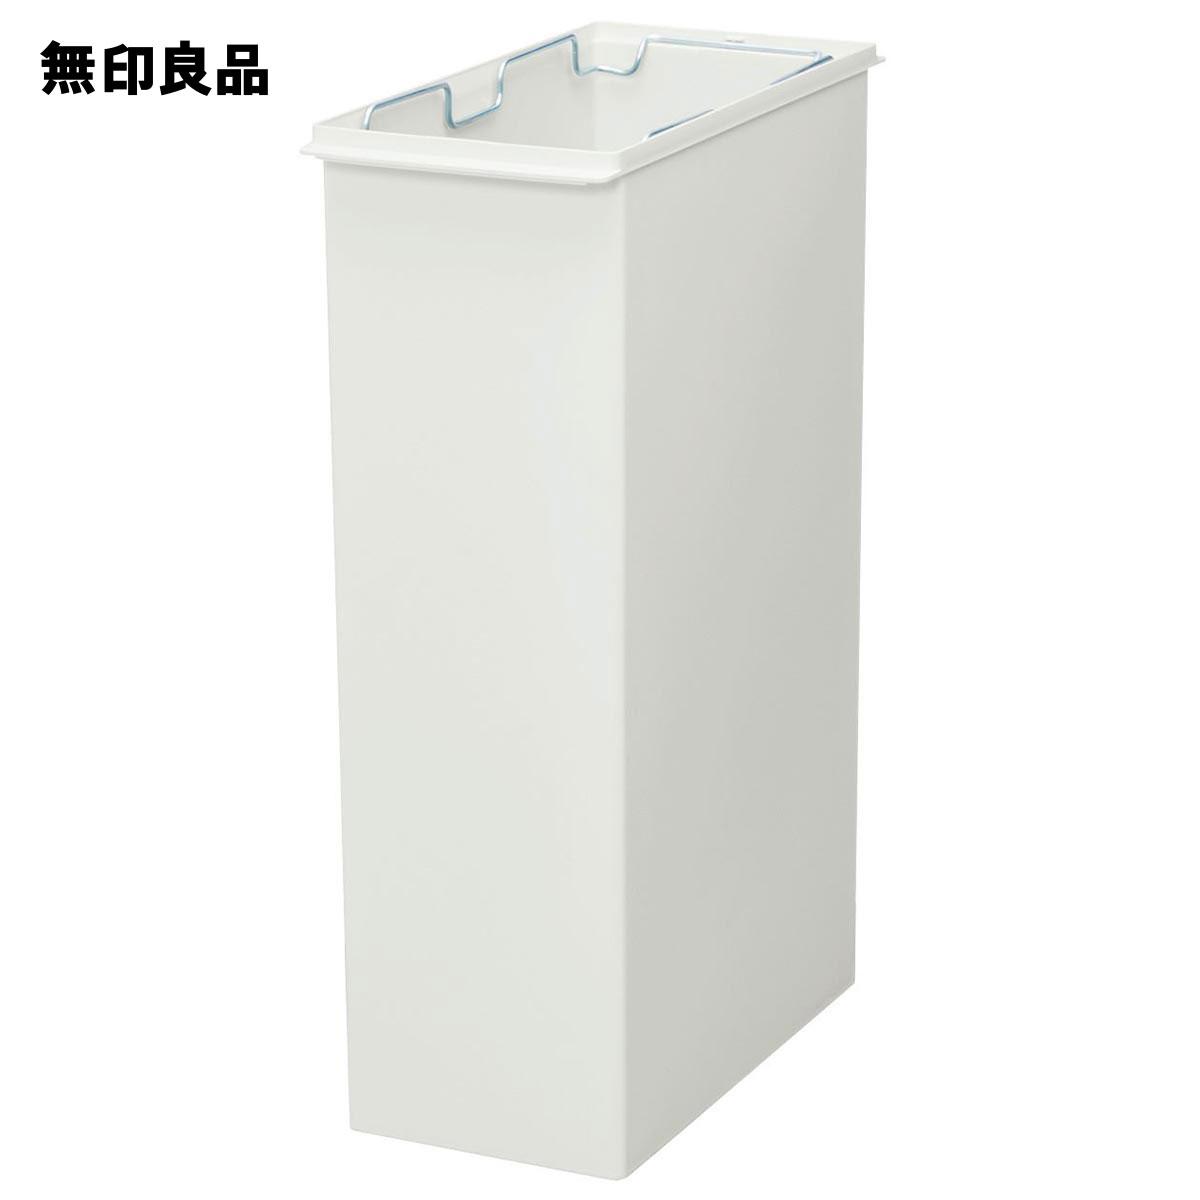 【無印良品 公式】ポリプロピレンフタが選べるダストボックス・大(30L袋用)